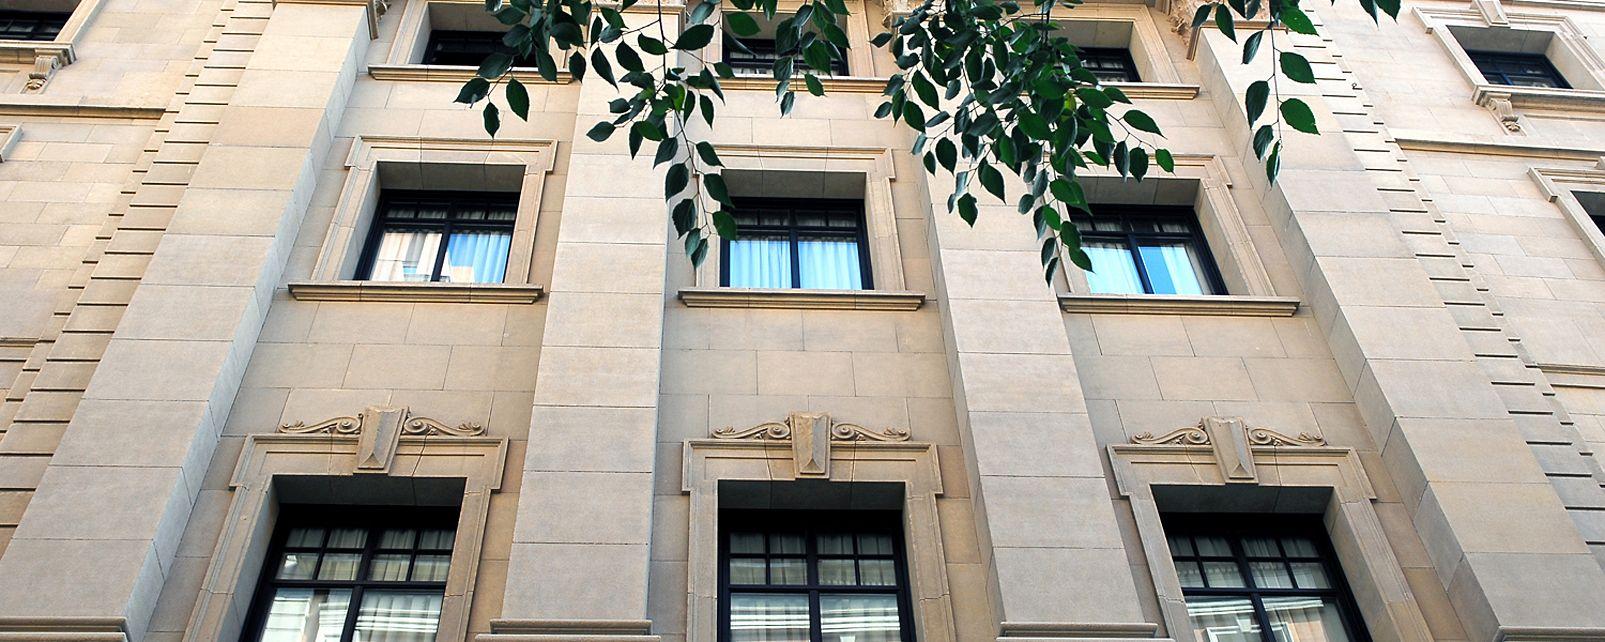 Hôtel 1898 Barcelona